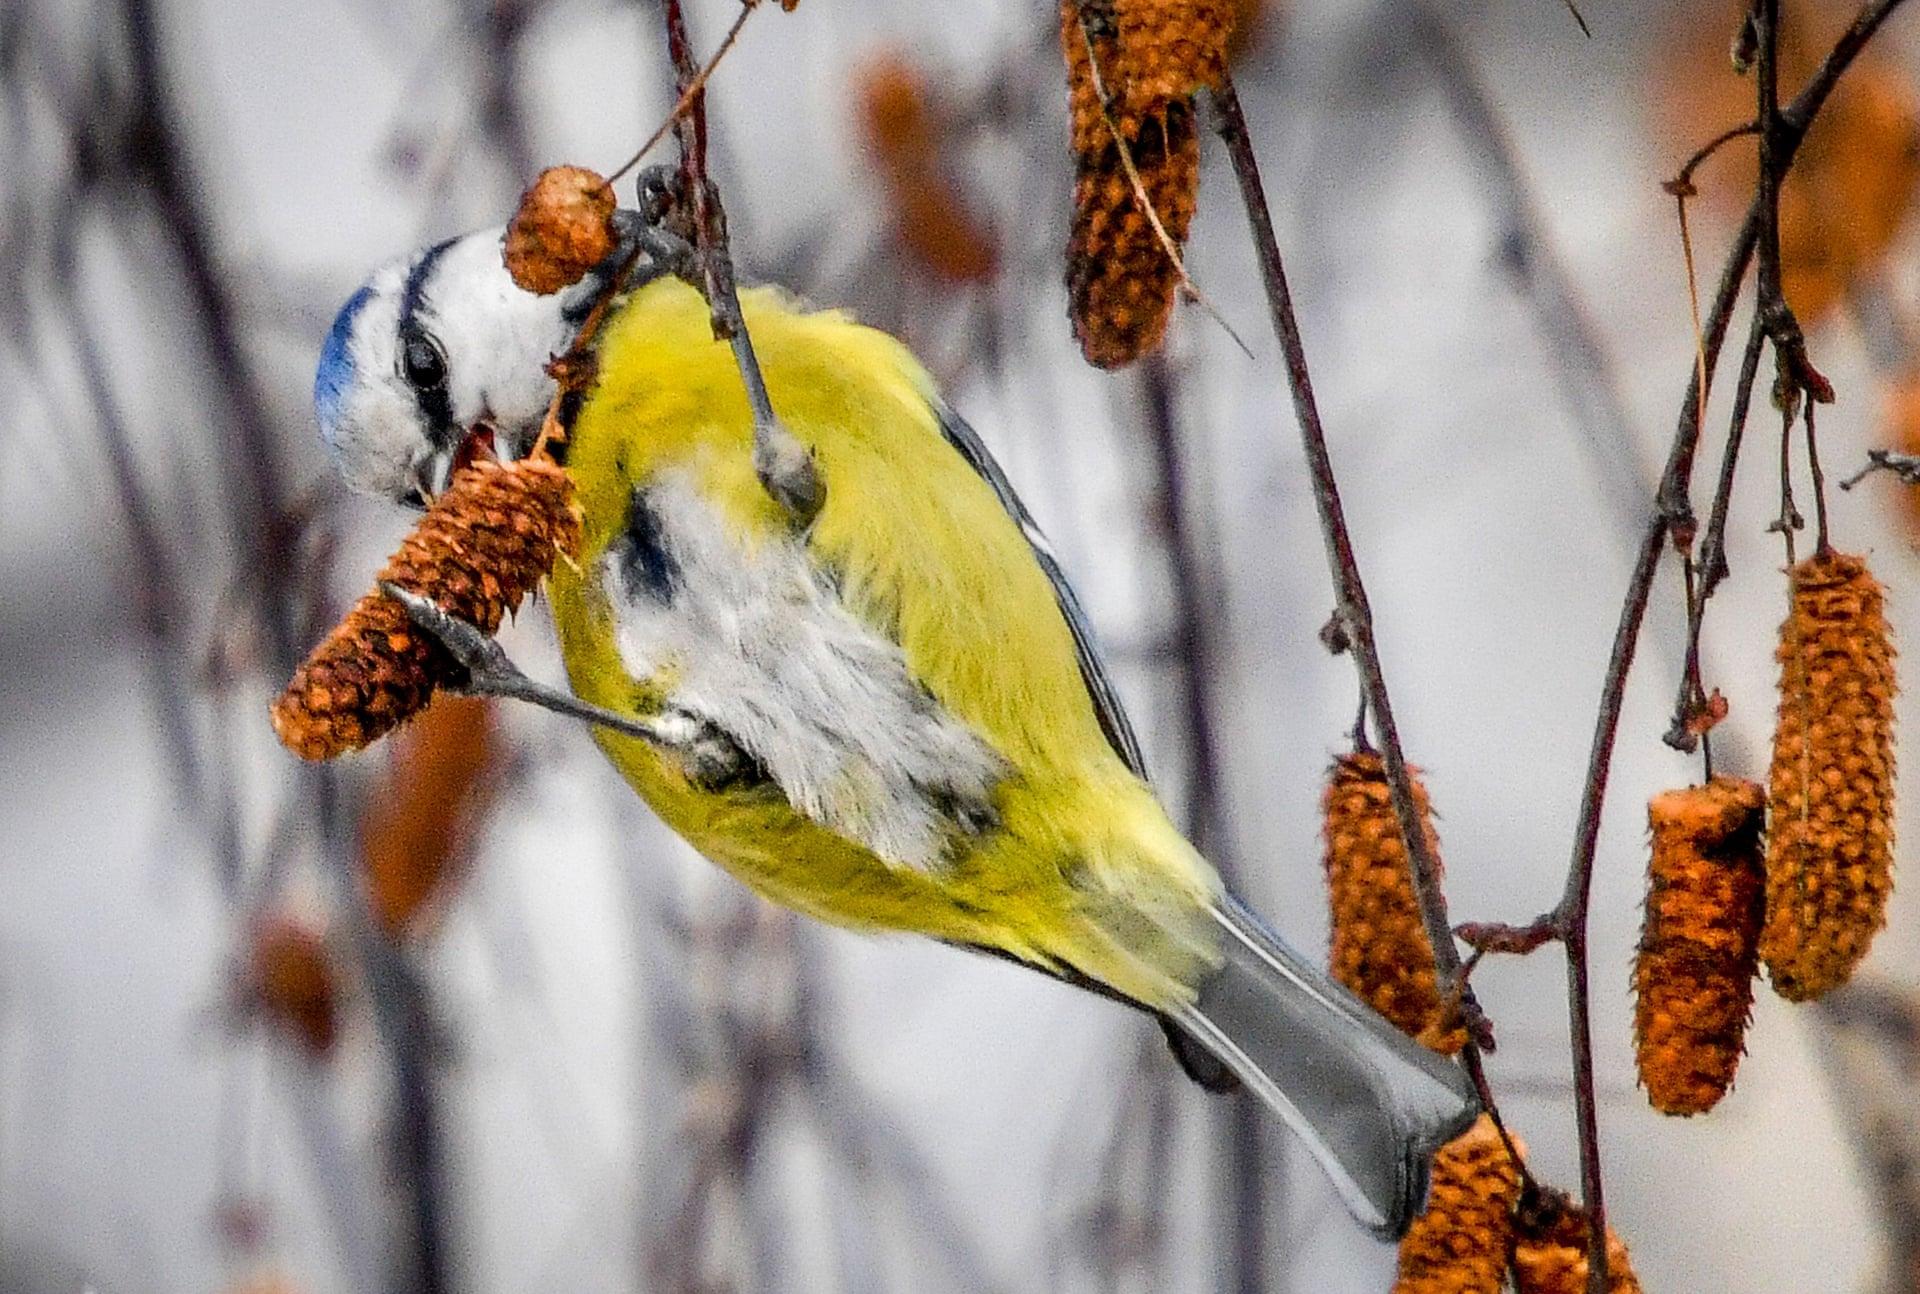 【俄罗斯莫斯科】枝头白桦,一只贵州雀吃的不亦乐乎贵州蓝山香猪在从江怎么样图片